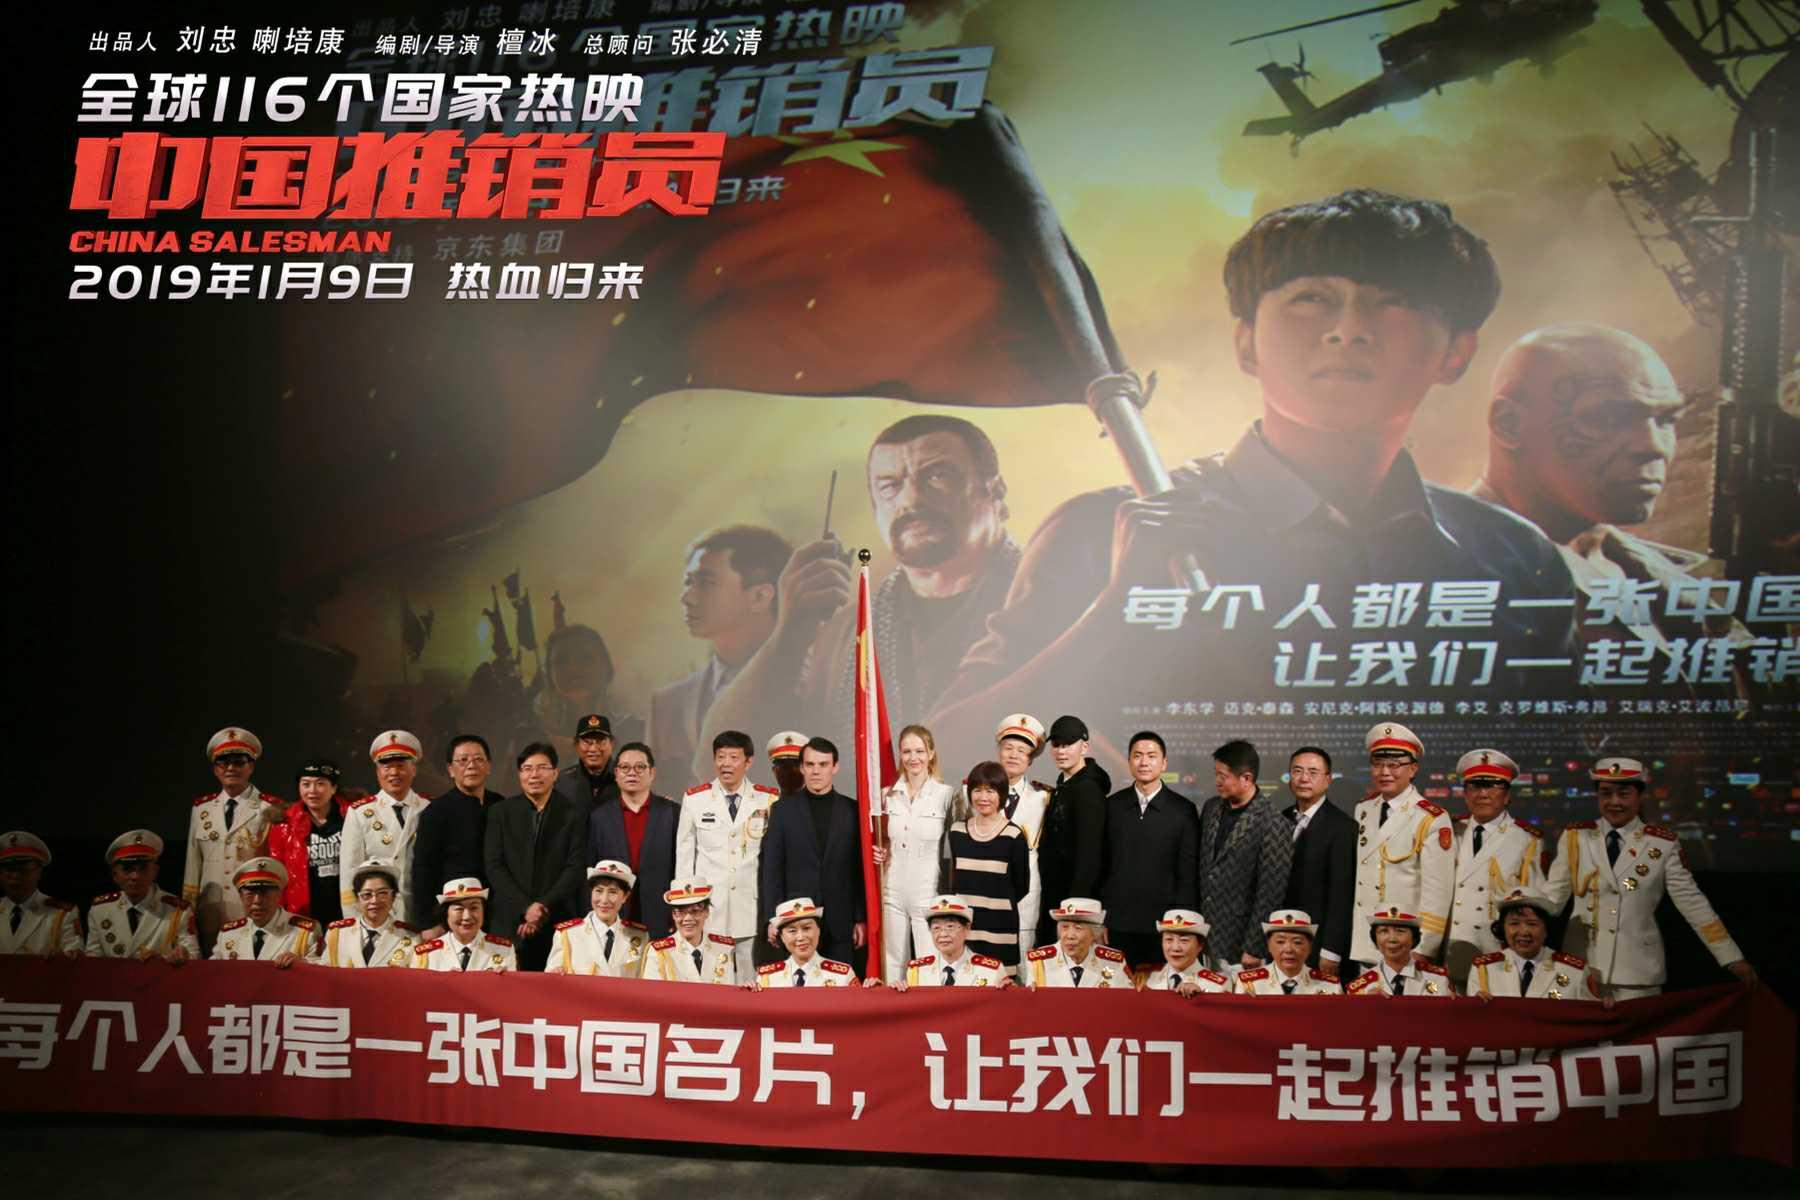 电影《中国推销员》李东学过关场景振奋观众精神